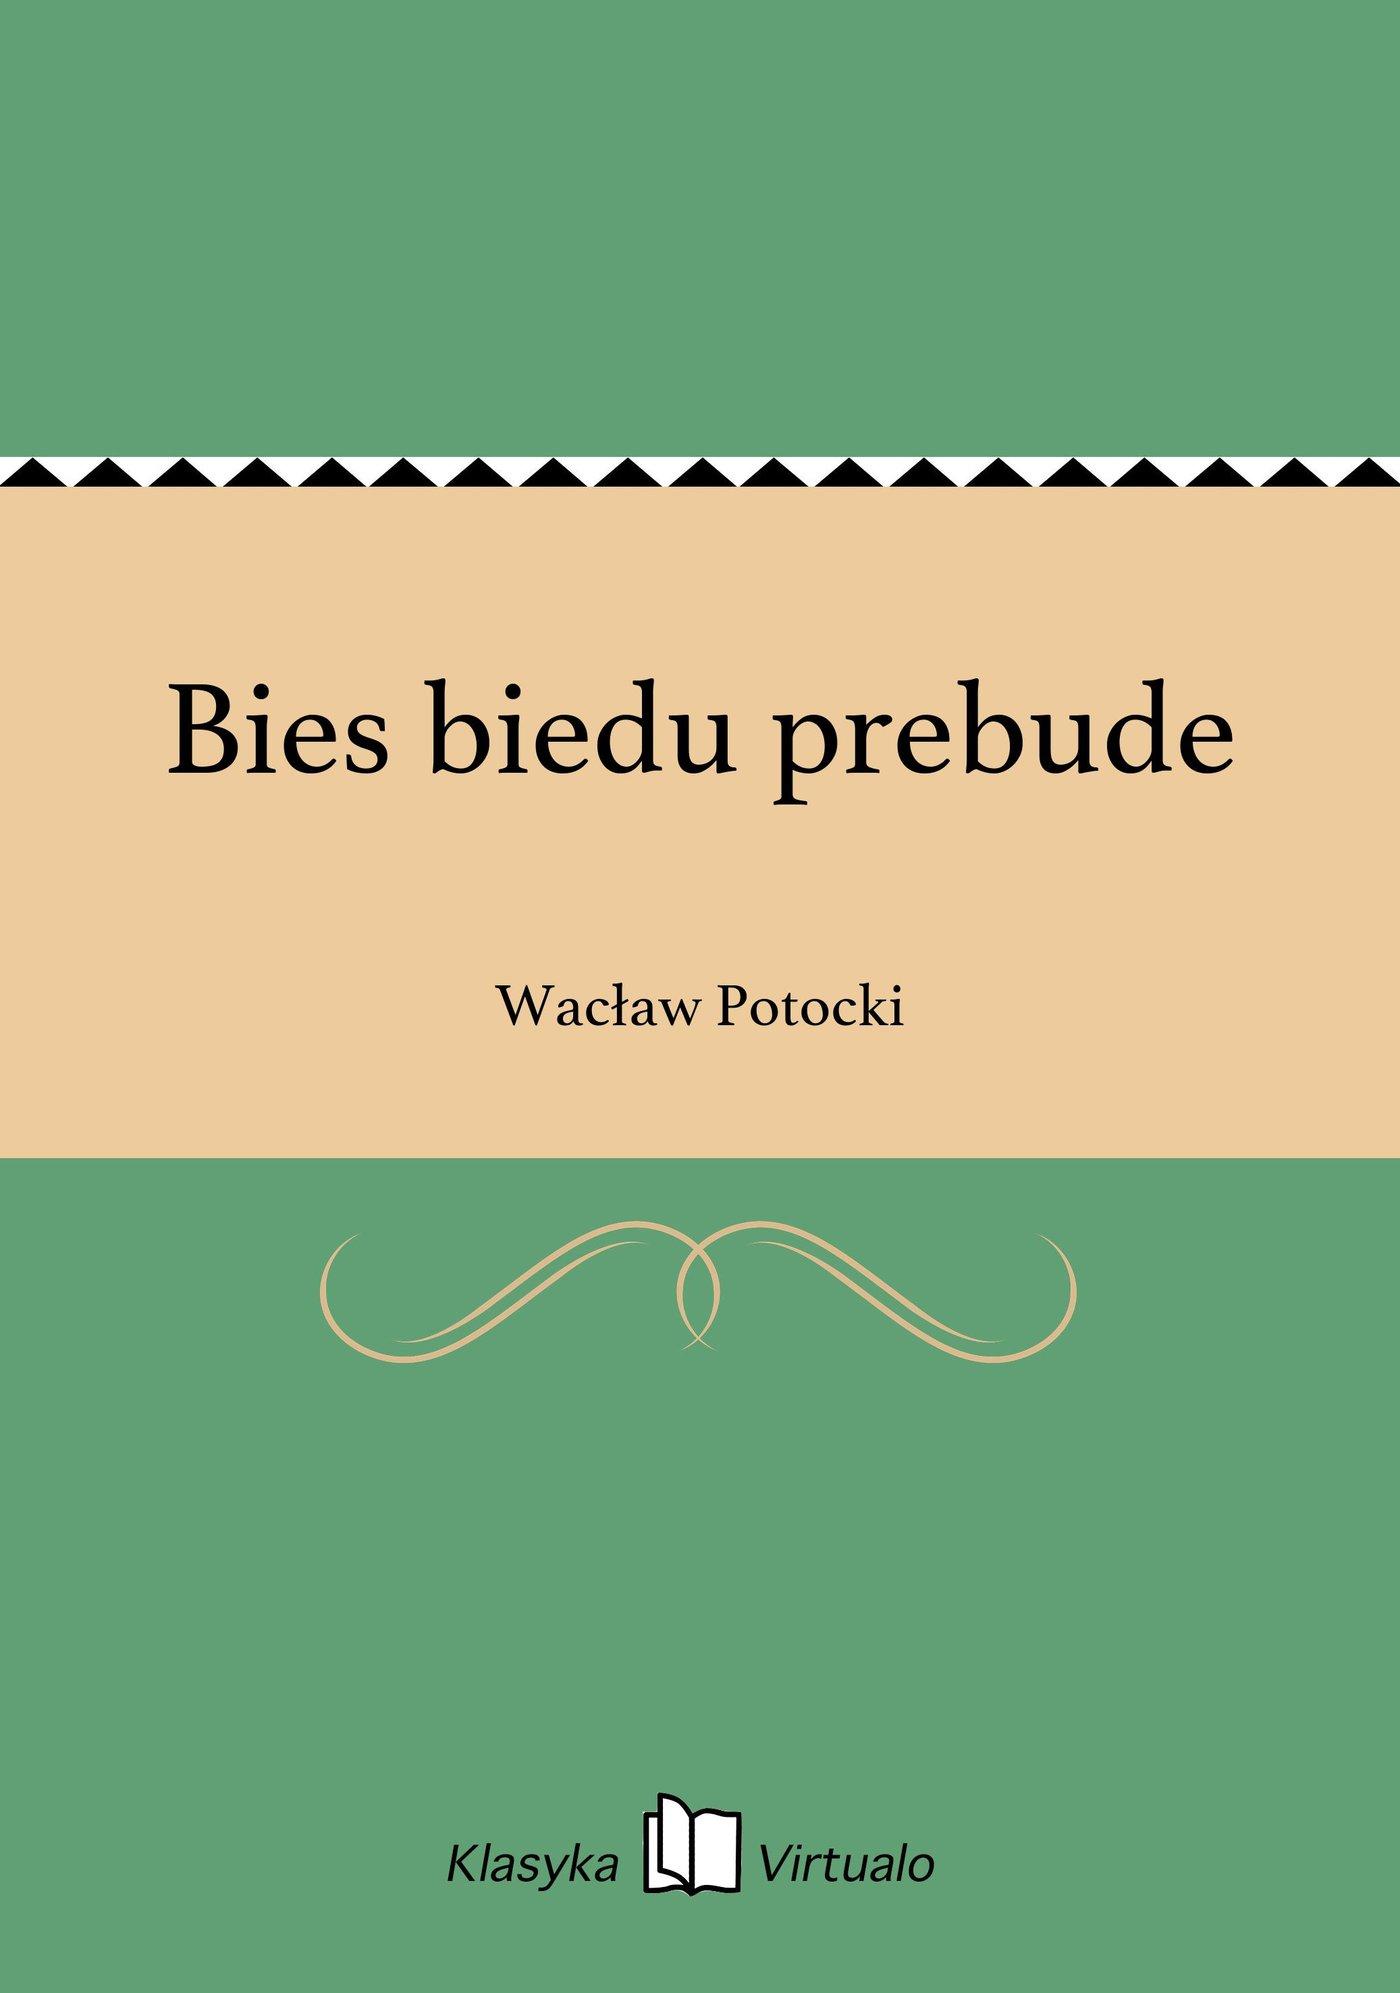 Bies biedu prebude - Ebook (Książka na Kindle) do pobrania w formacie MOBI